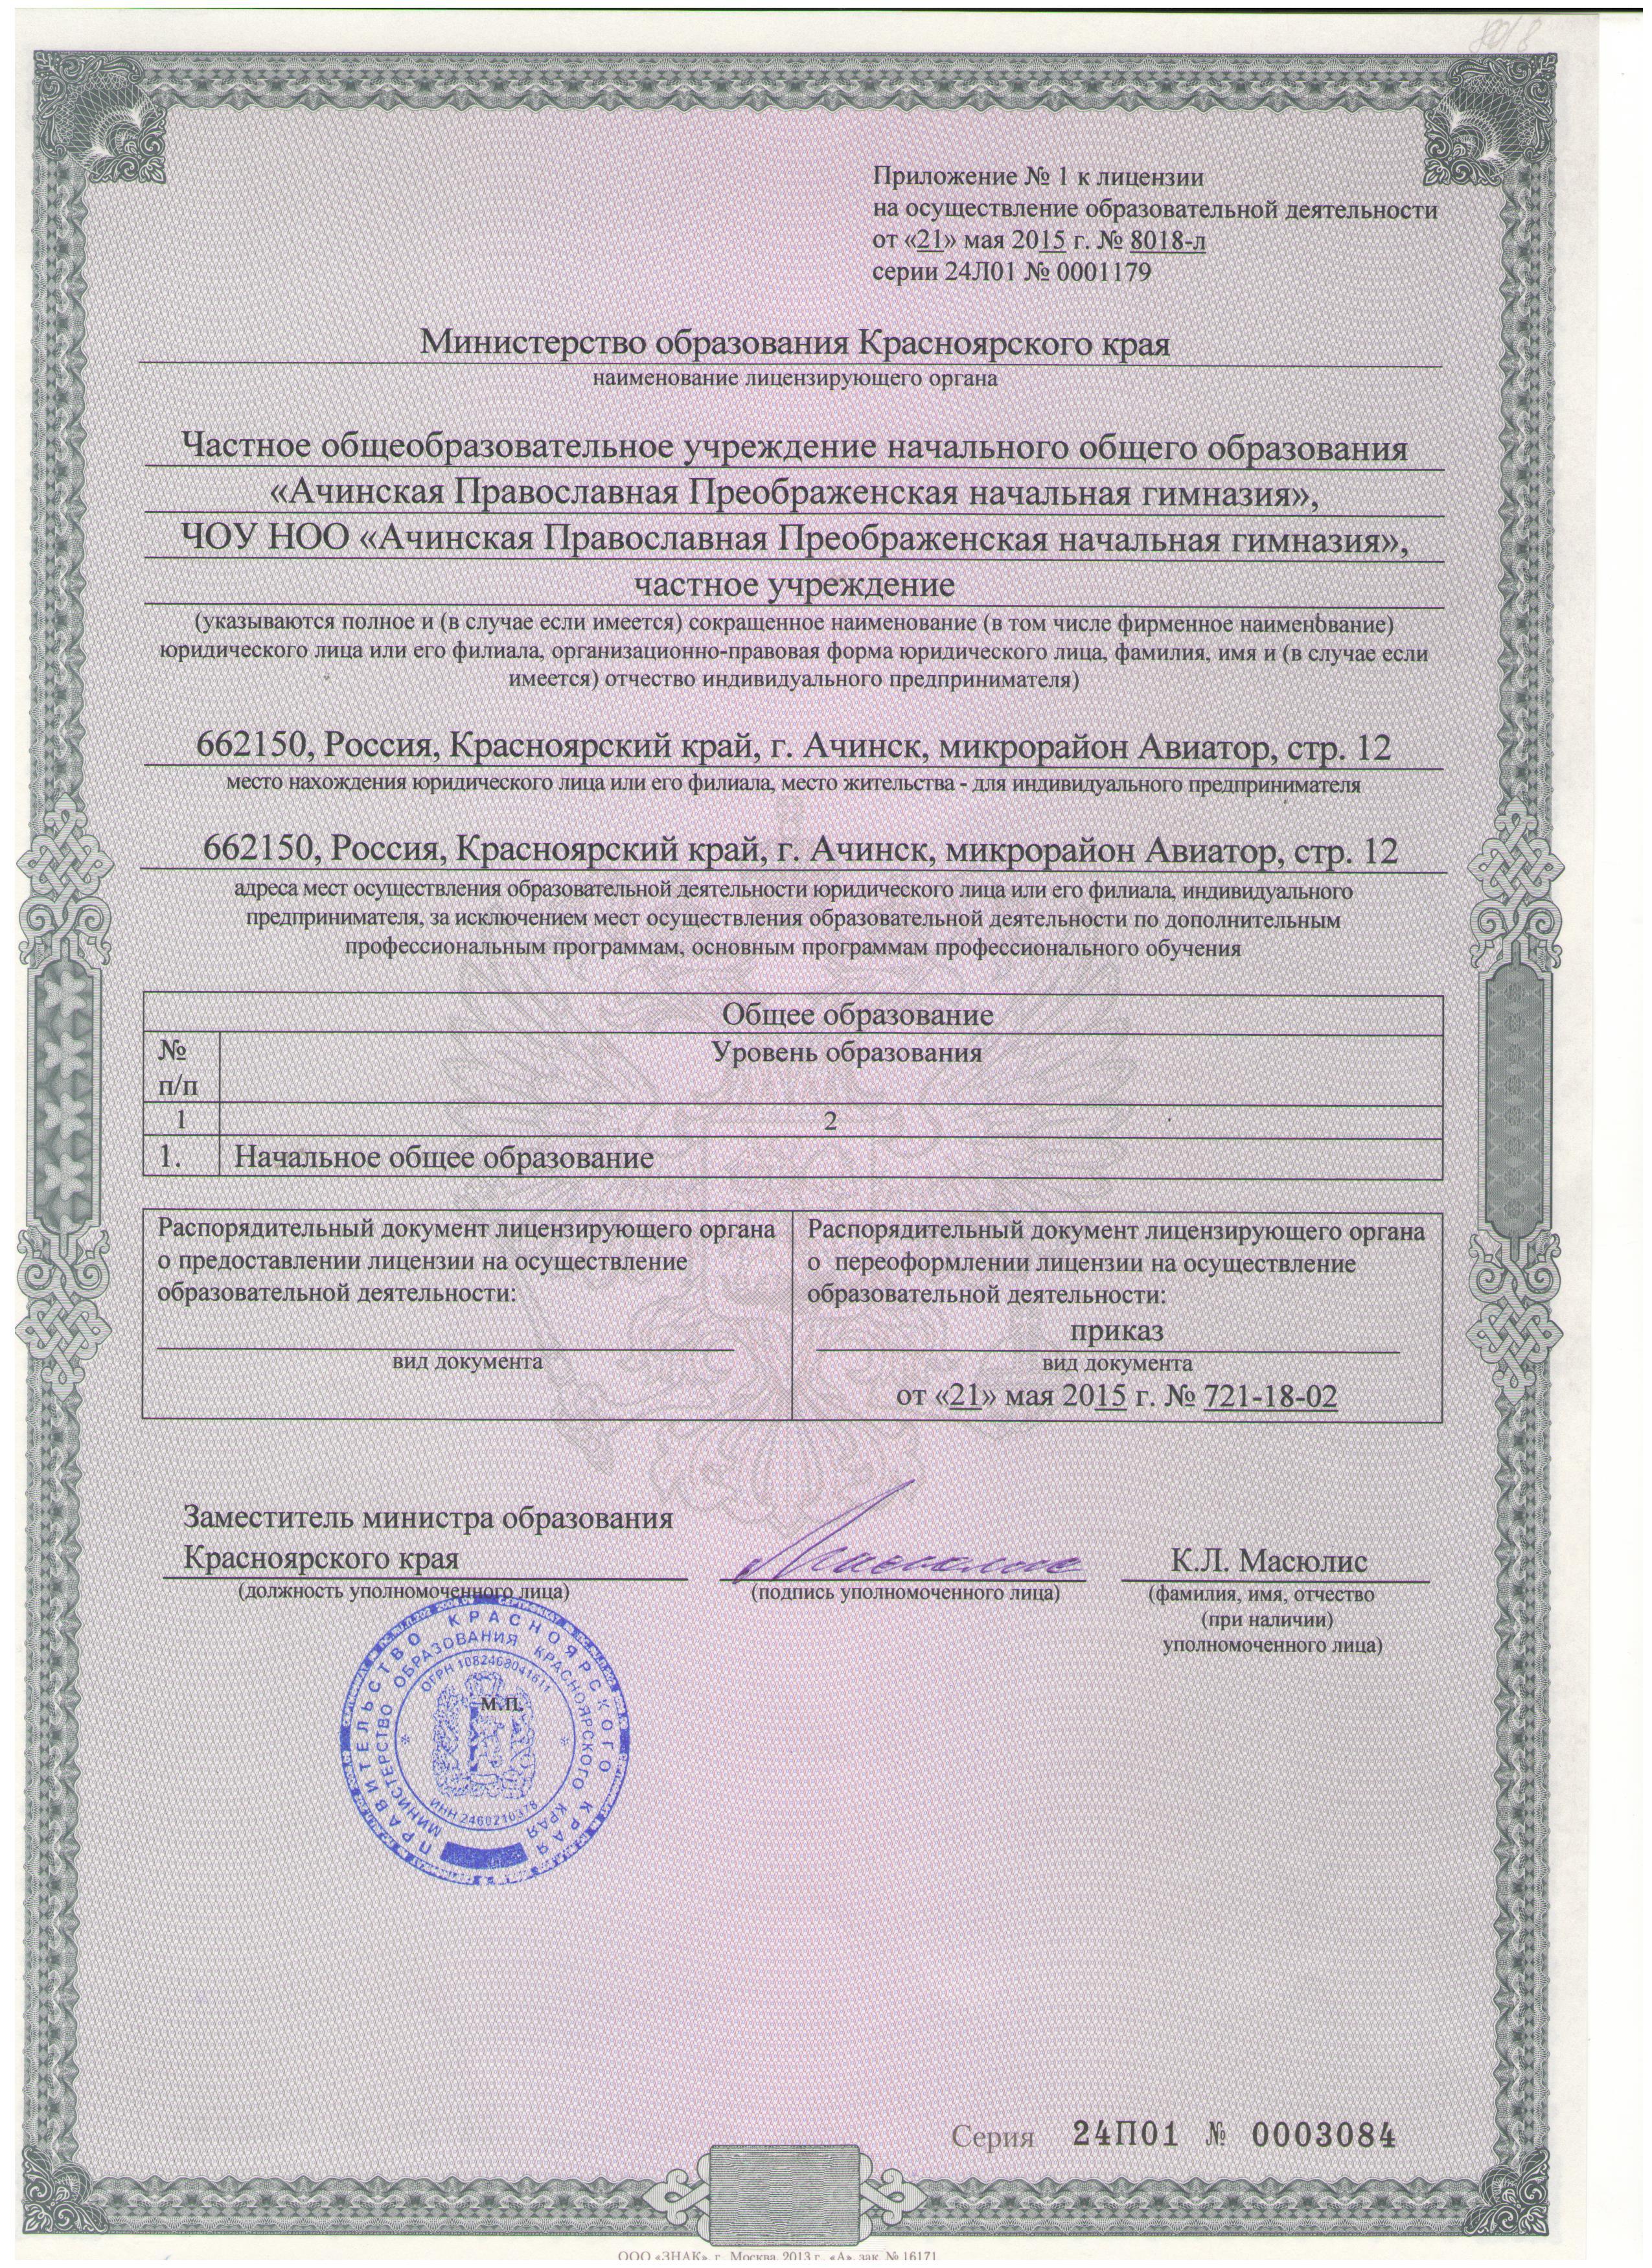 лицензия -03